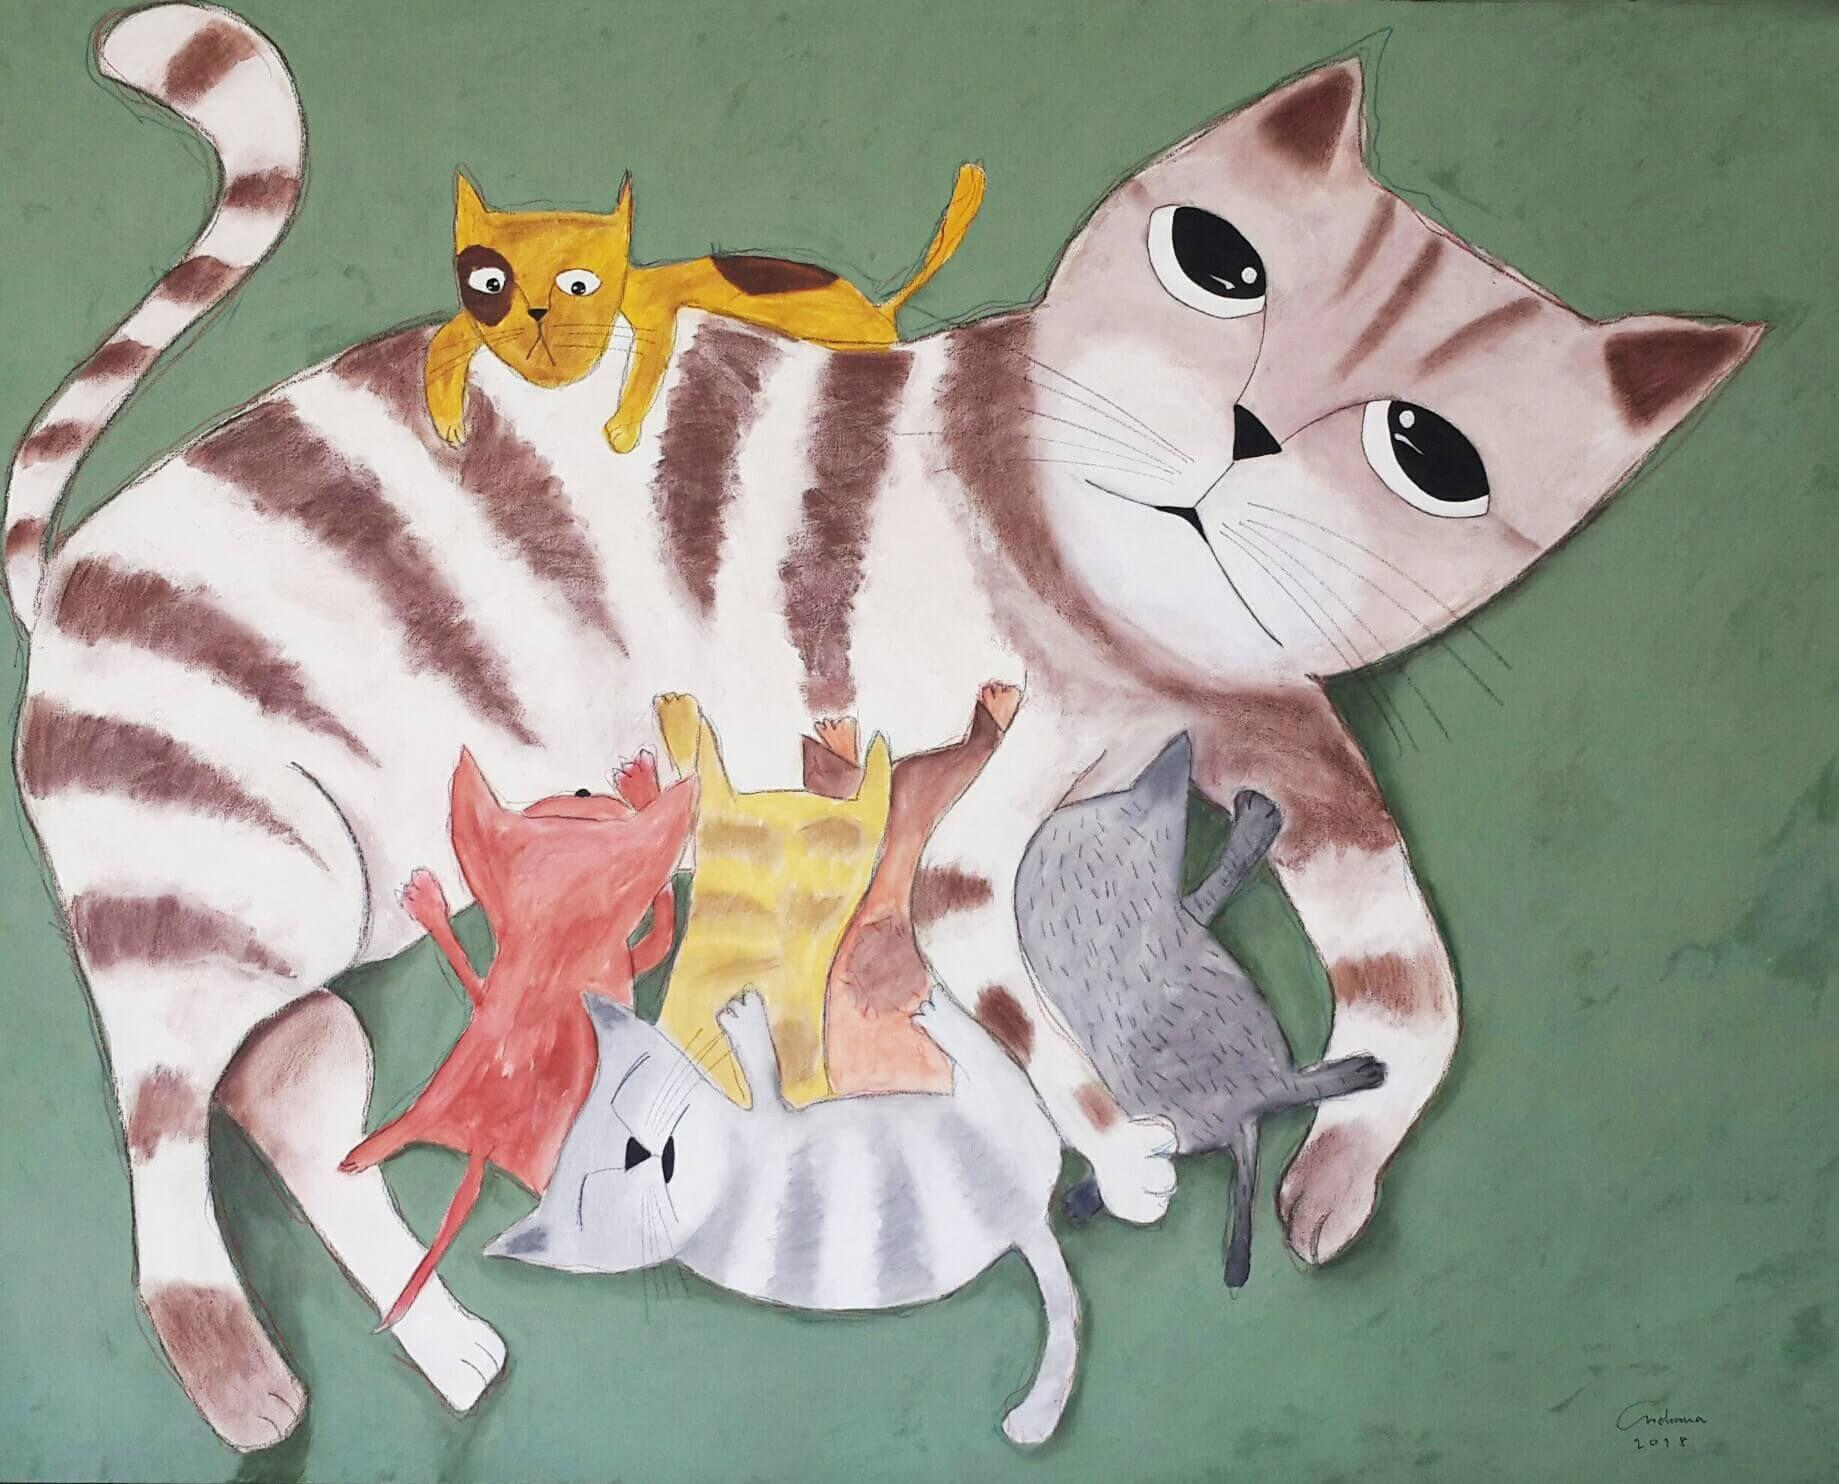 安恰娜‧恰麗亞琵朋的畫作。(圖片由多納藝術提供)